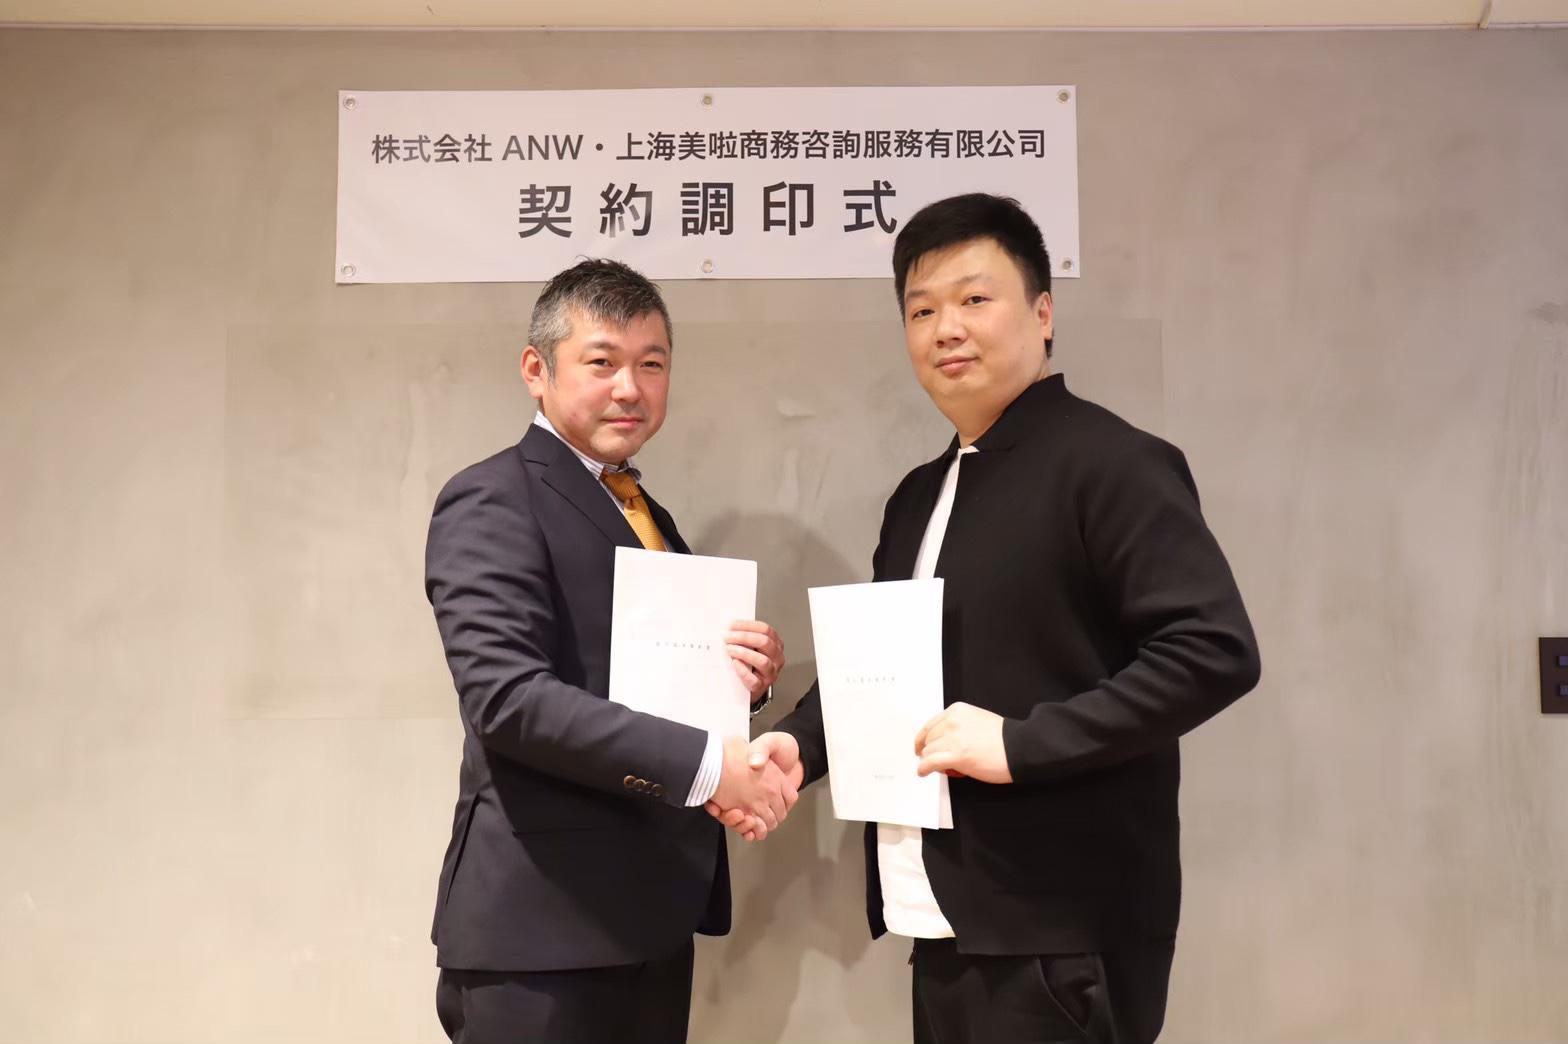 BSMOグループ、中国EC運営会社・美啦電商MCと業務提携。 中国最大のECモール「T-mall」にて、日本のカラコンブランドとしては、初のオフィシャルショップenvieを正式オープン致します。